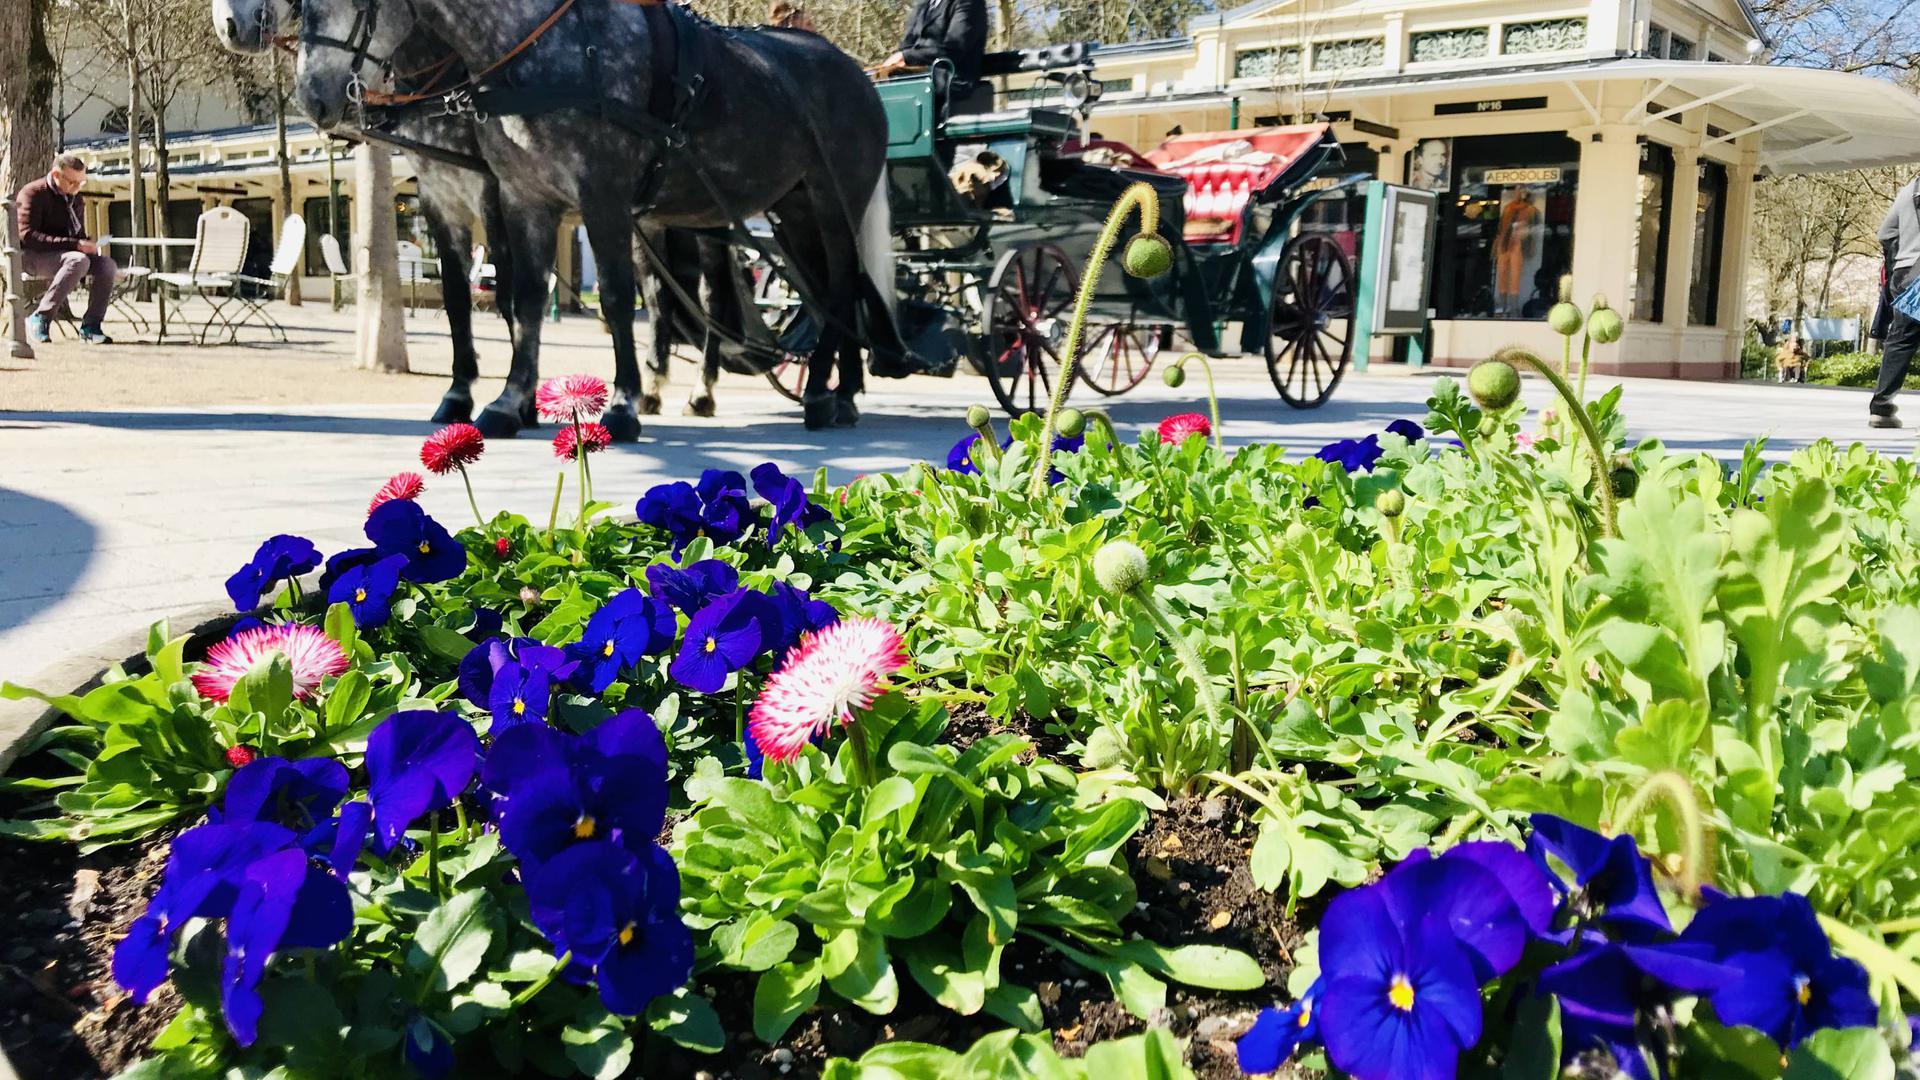 Noch ein gewohntes Bild: Die Pferdekutsche wartet vor den Kurhaus-Kolonnaden in Baden-Baden auf die nächsten Gäste. Doch dem Betrieb droht wegen der Corona-Krise das Aus.